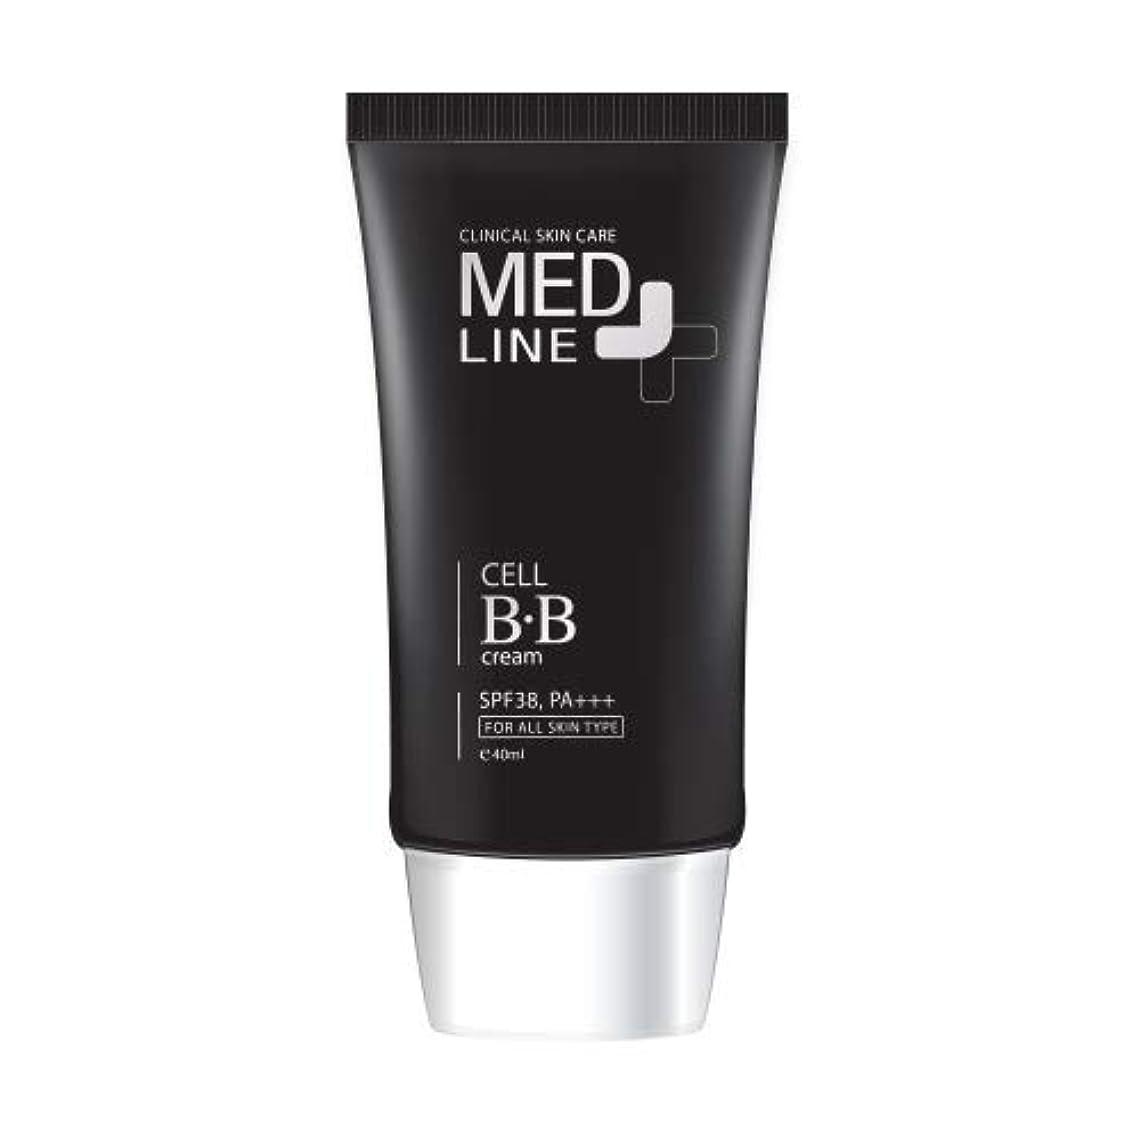 割り当て明日アラートメドライン(Med Line) セルBBクリーム(Cell B.B Cream)